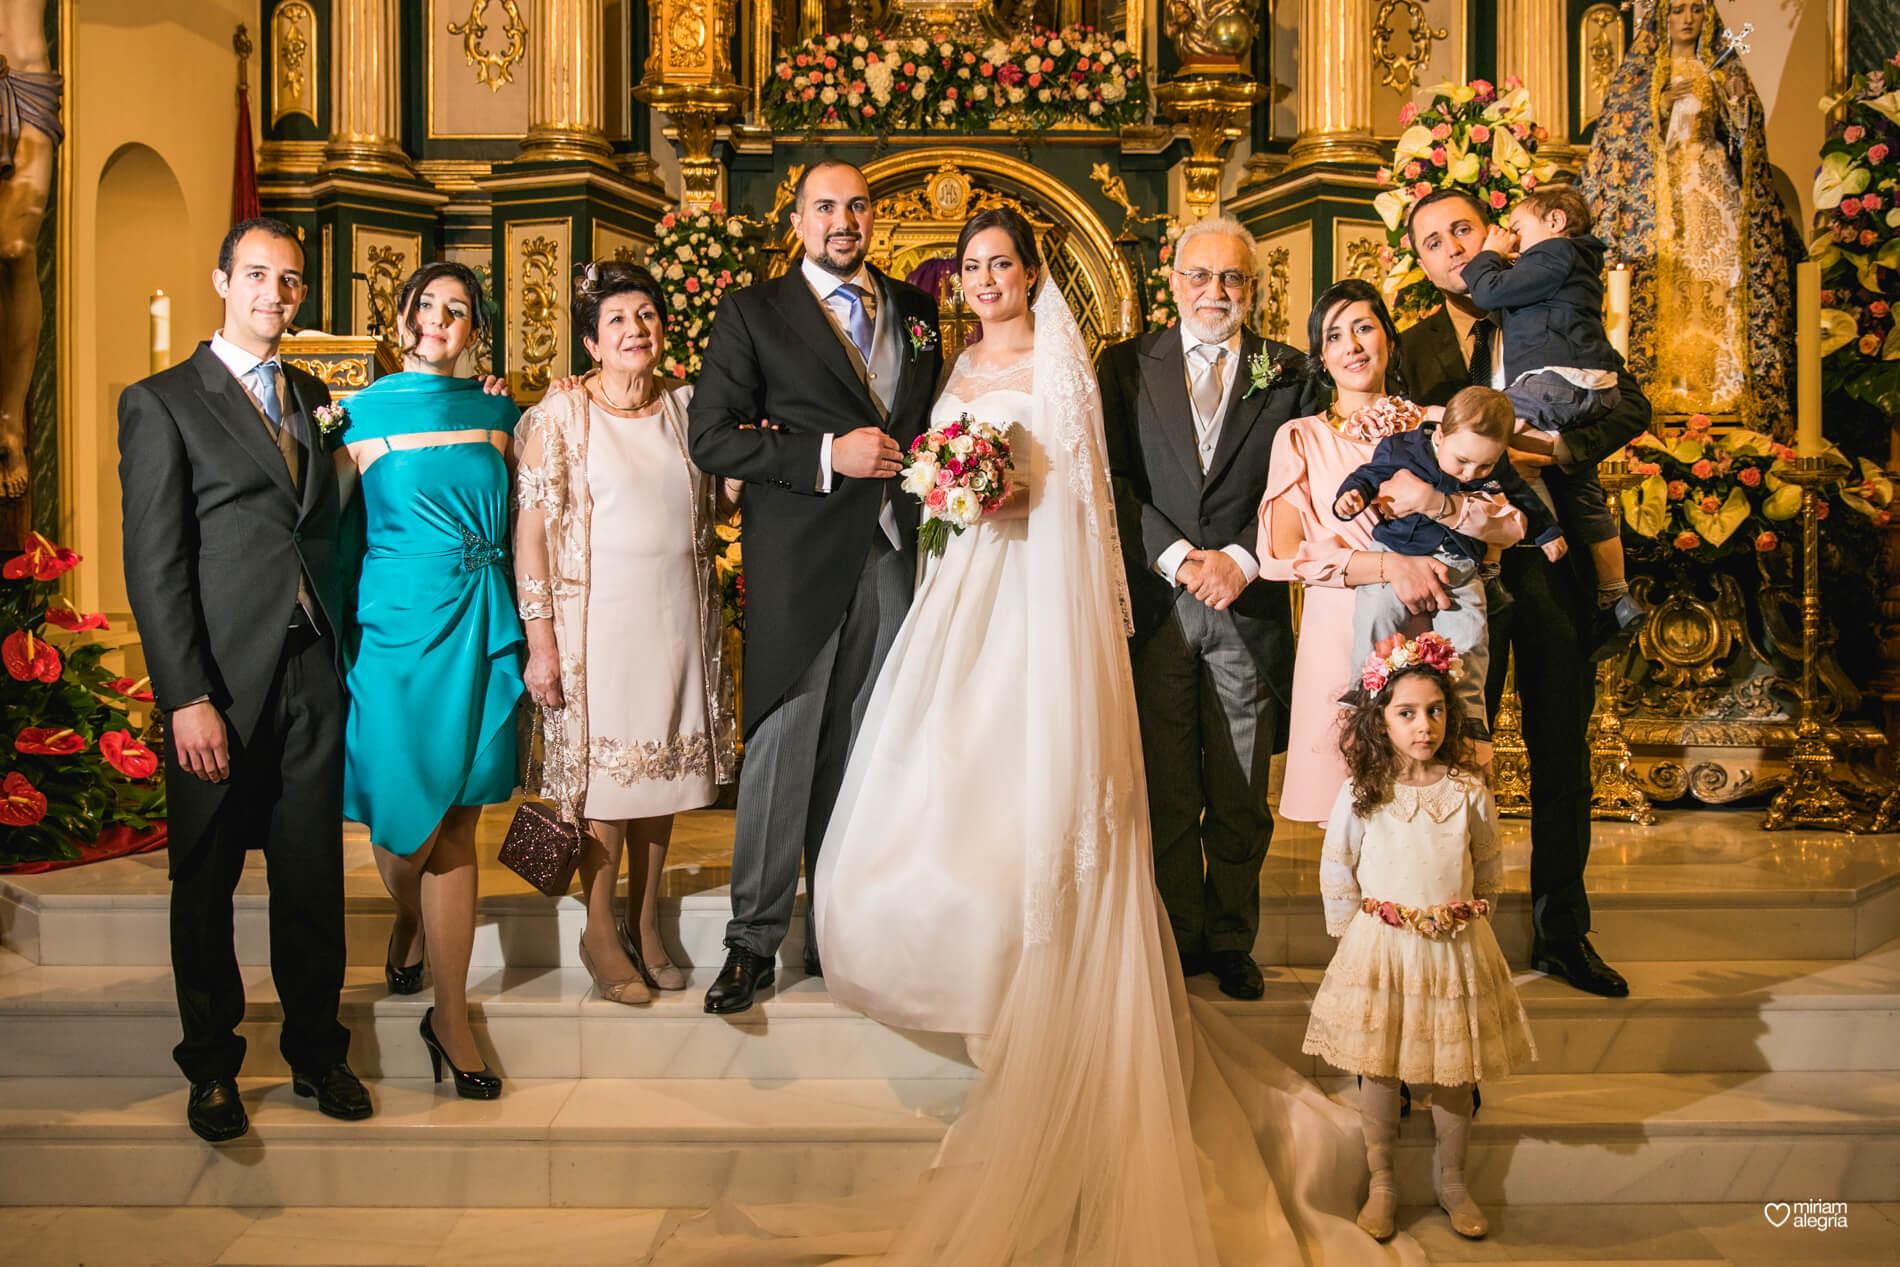 boda-en-el-rincon-huertano-miriam-alegria-fotografos-boda-murcia-87